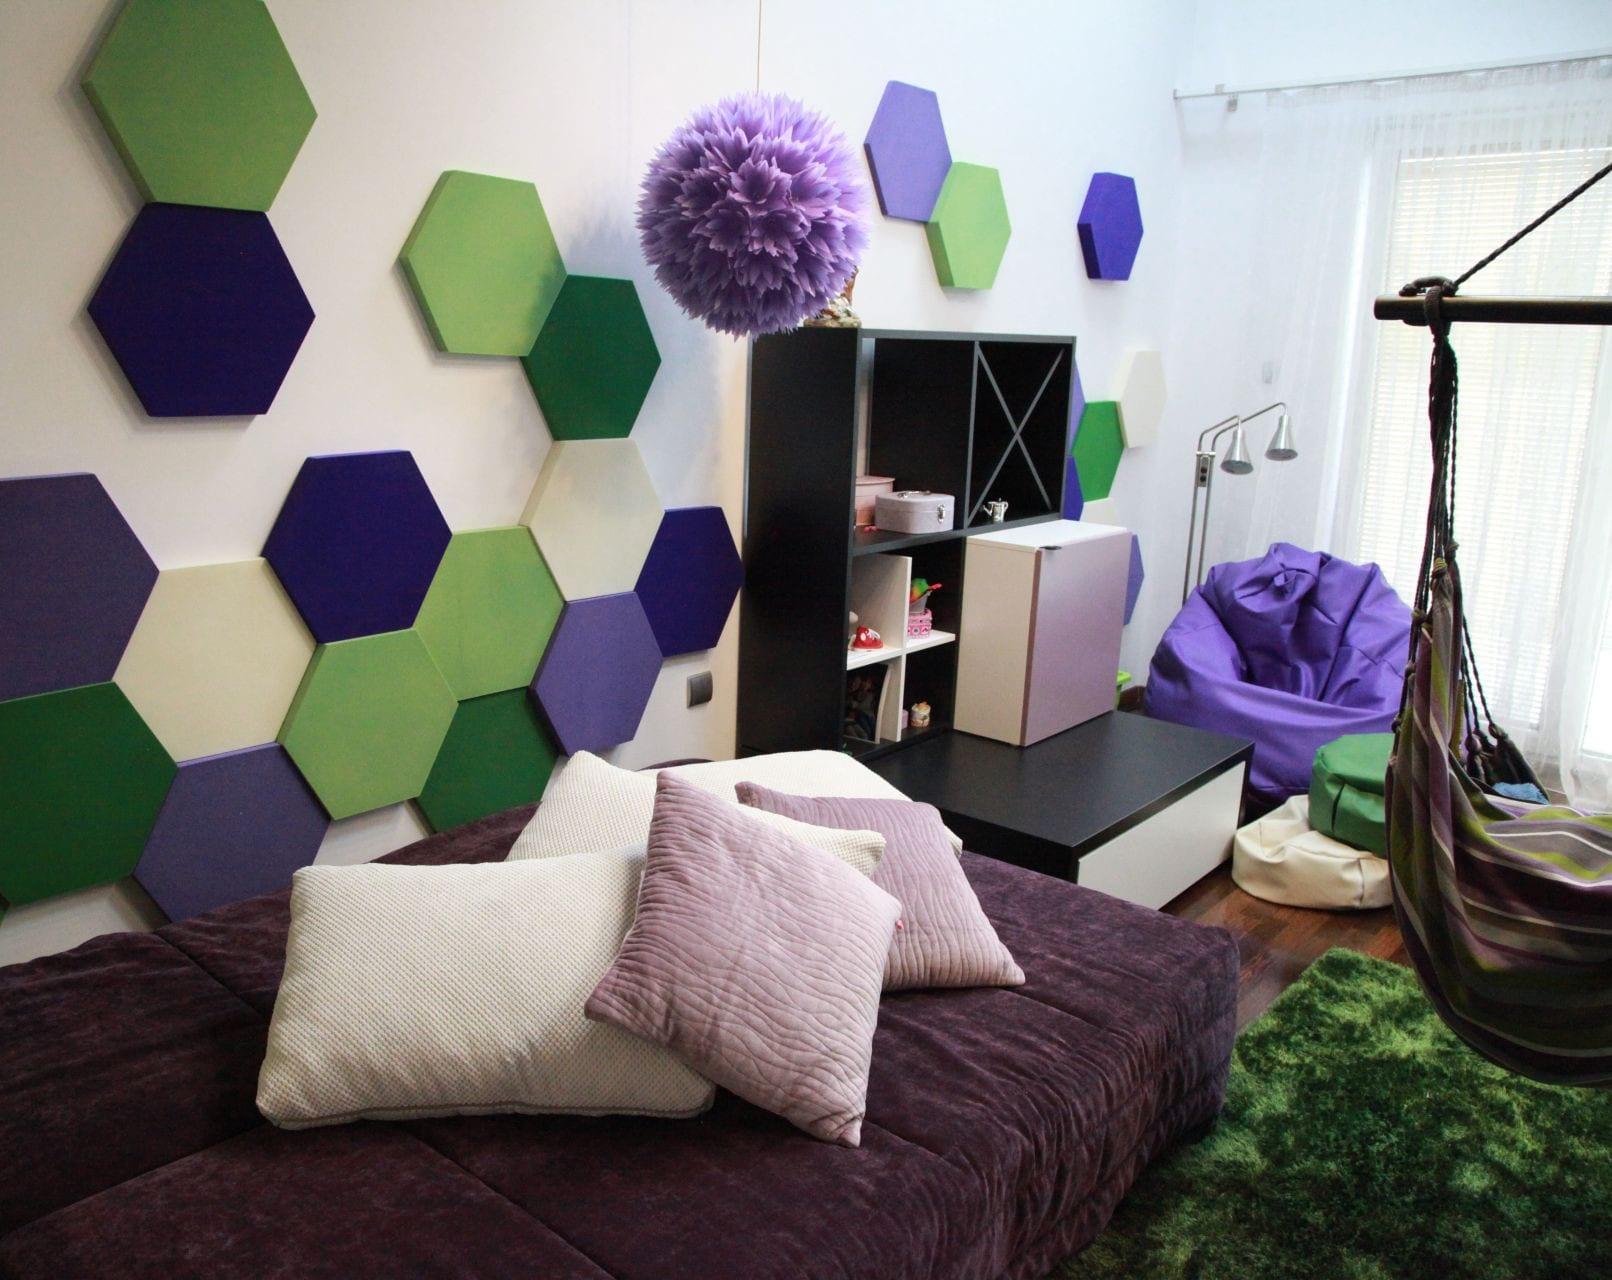 Kreative Wandgestaltung: Kreative Wohnideen Für Moderne Wandgestaltung Und